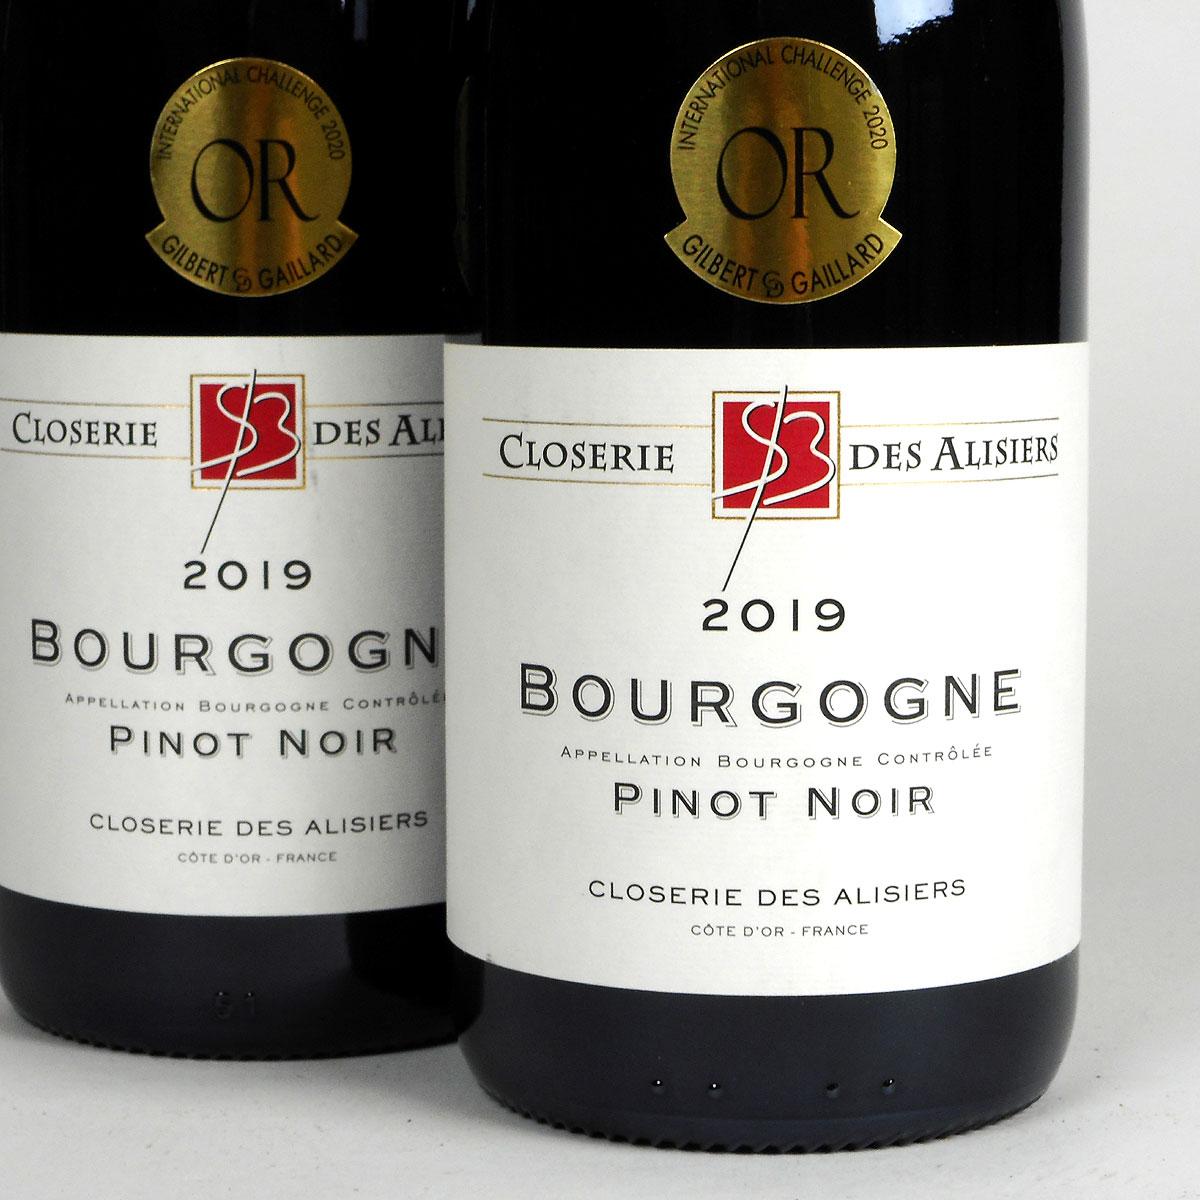 Bourgogne Pinot Noir: Closerie des Alisiers 2019